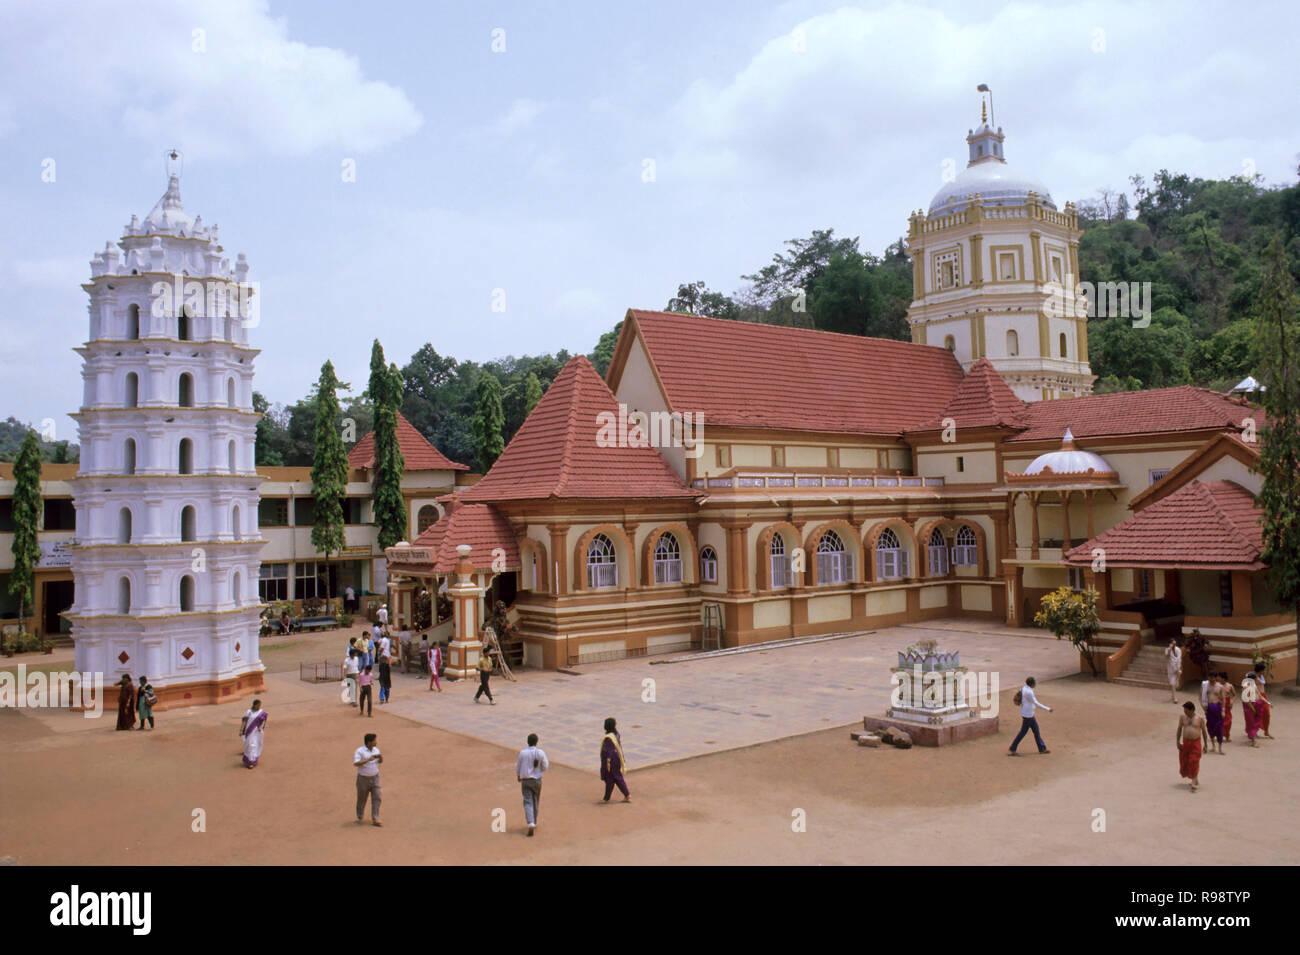 Temple shantadurga, Goa, Inde Banque D'Images